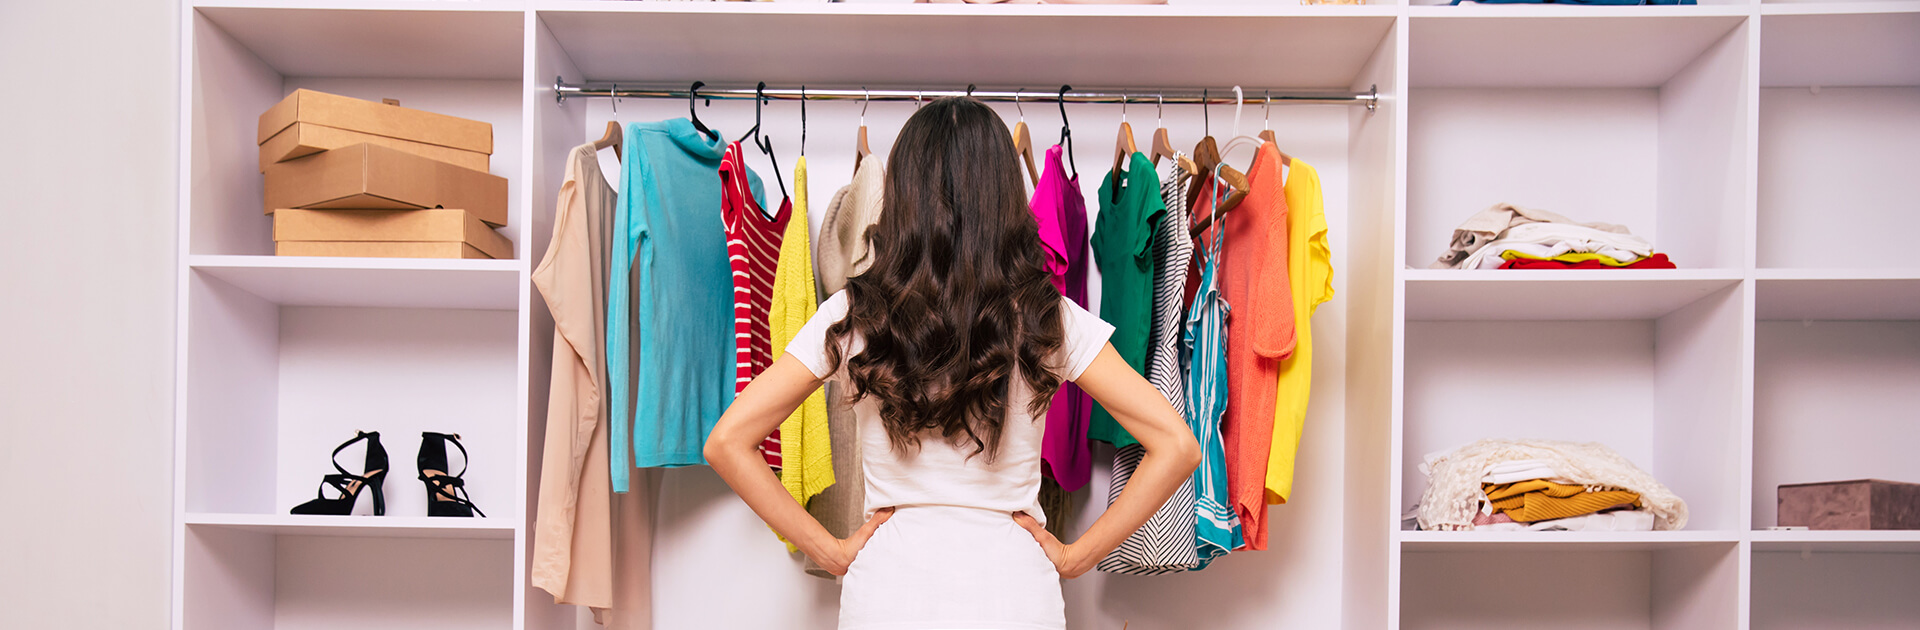 Kobieta stojąca przed szafą, zastanawiająca się w co się ubrać